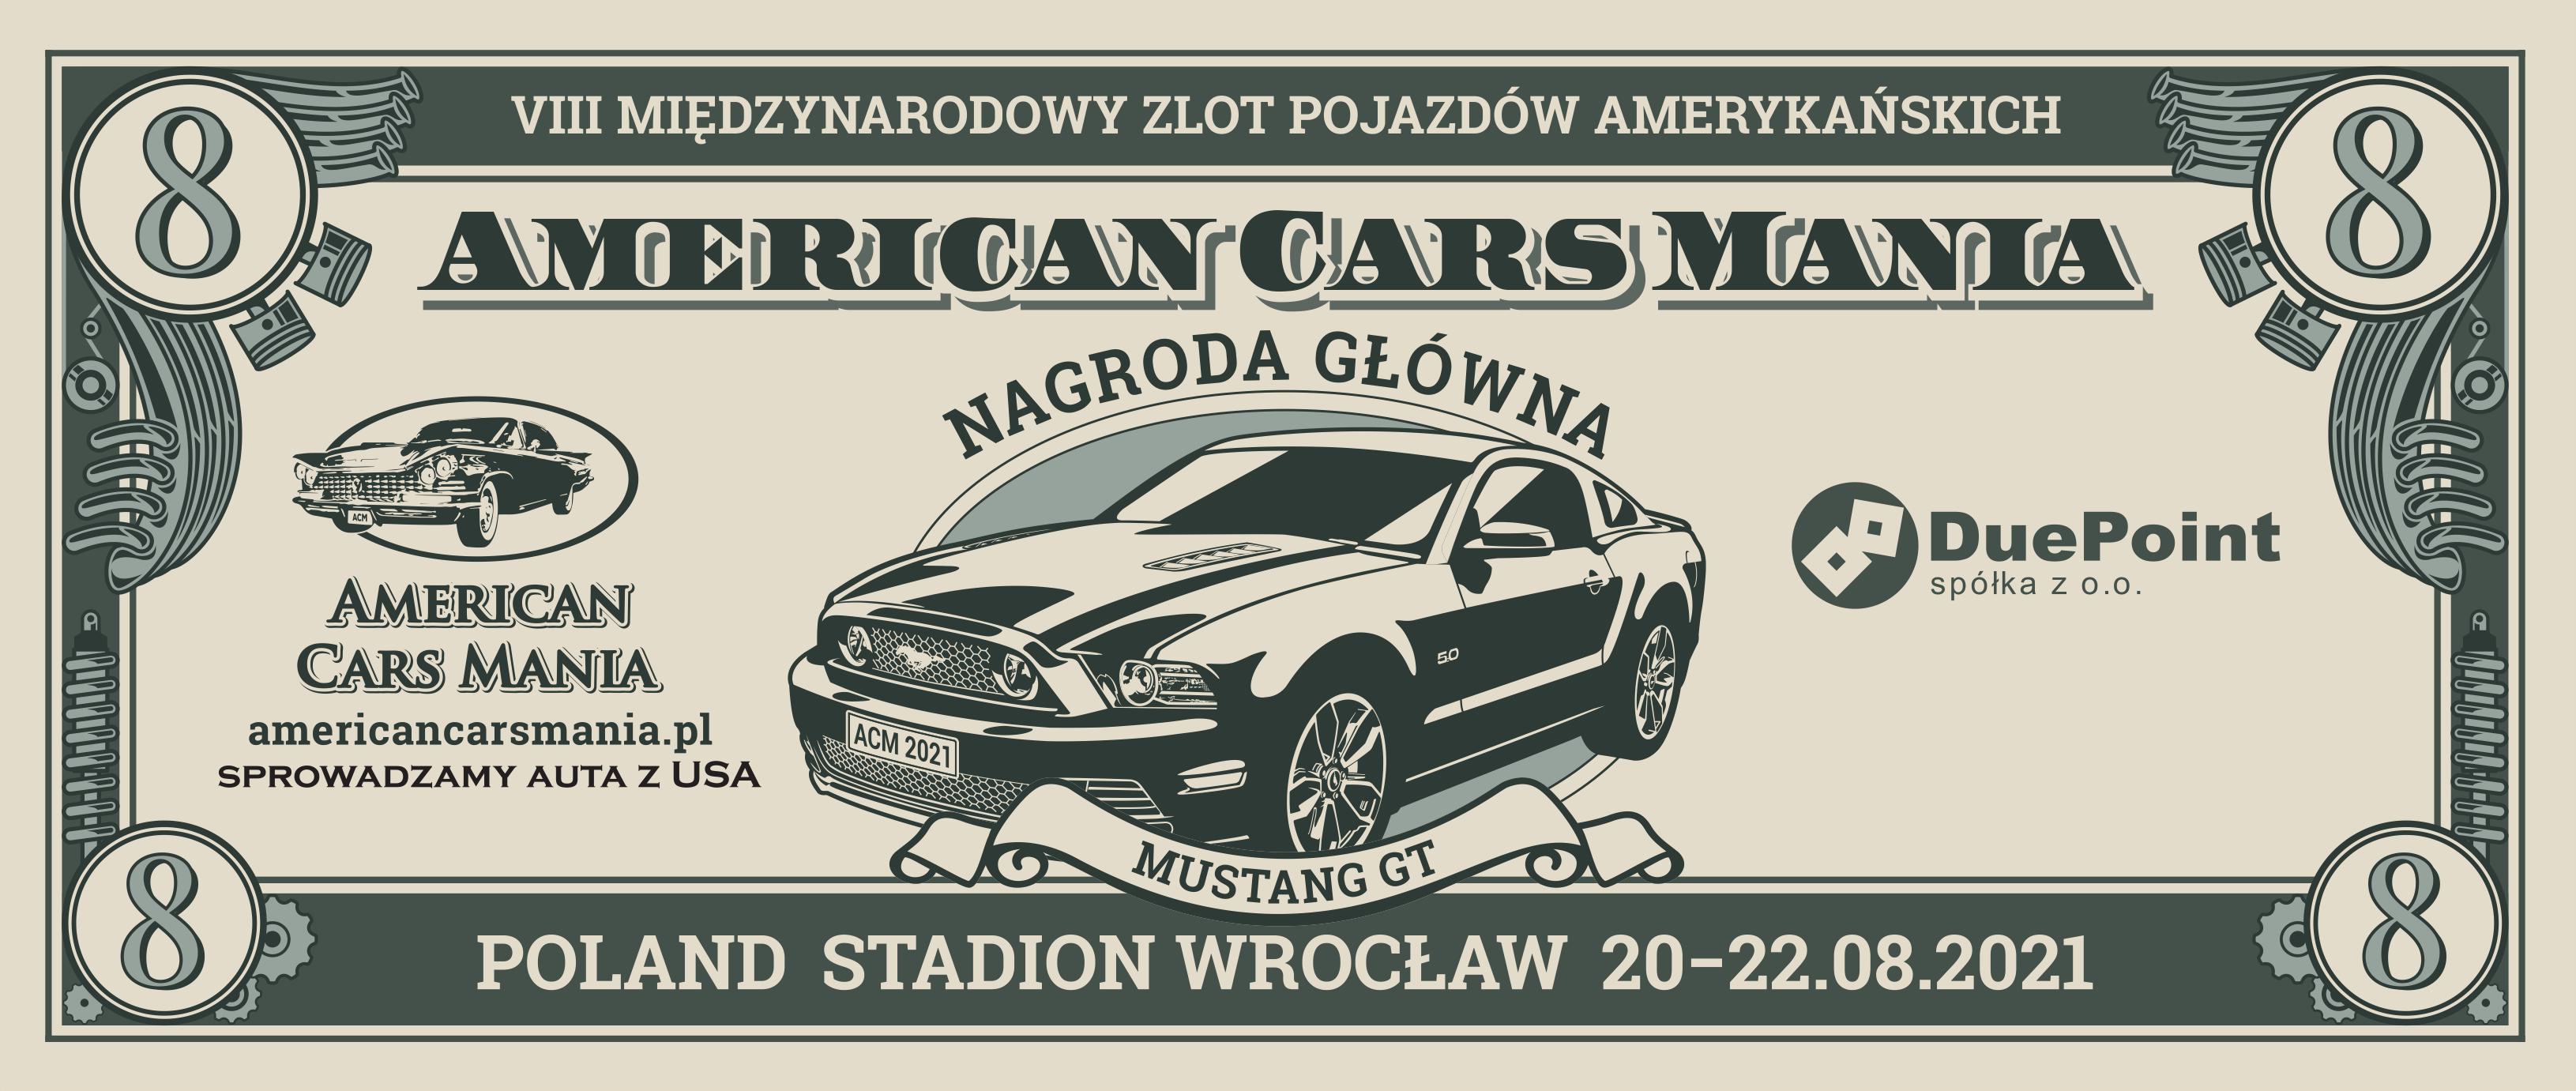 ACM 2021 Wroclaw